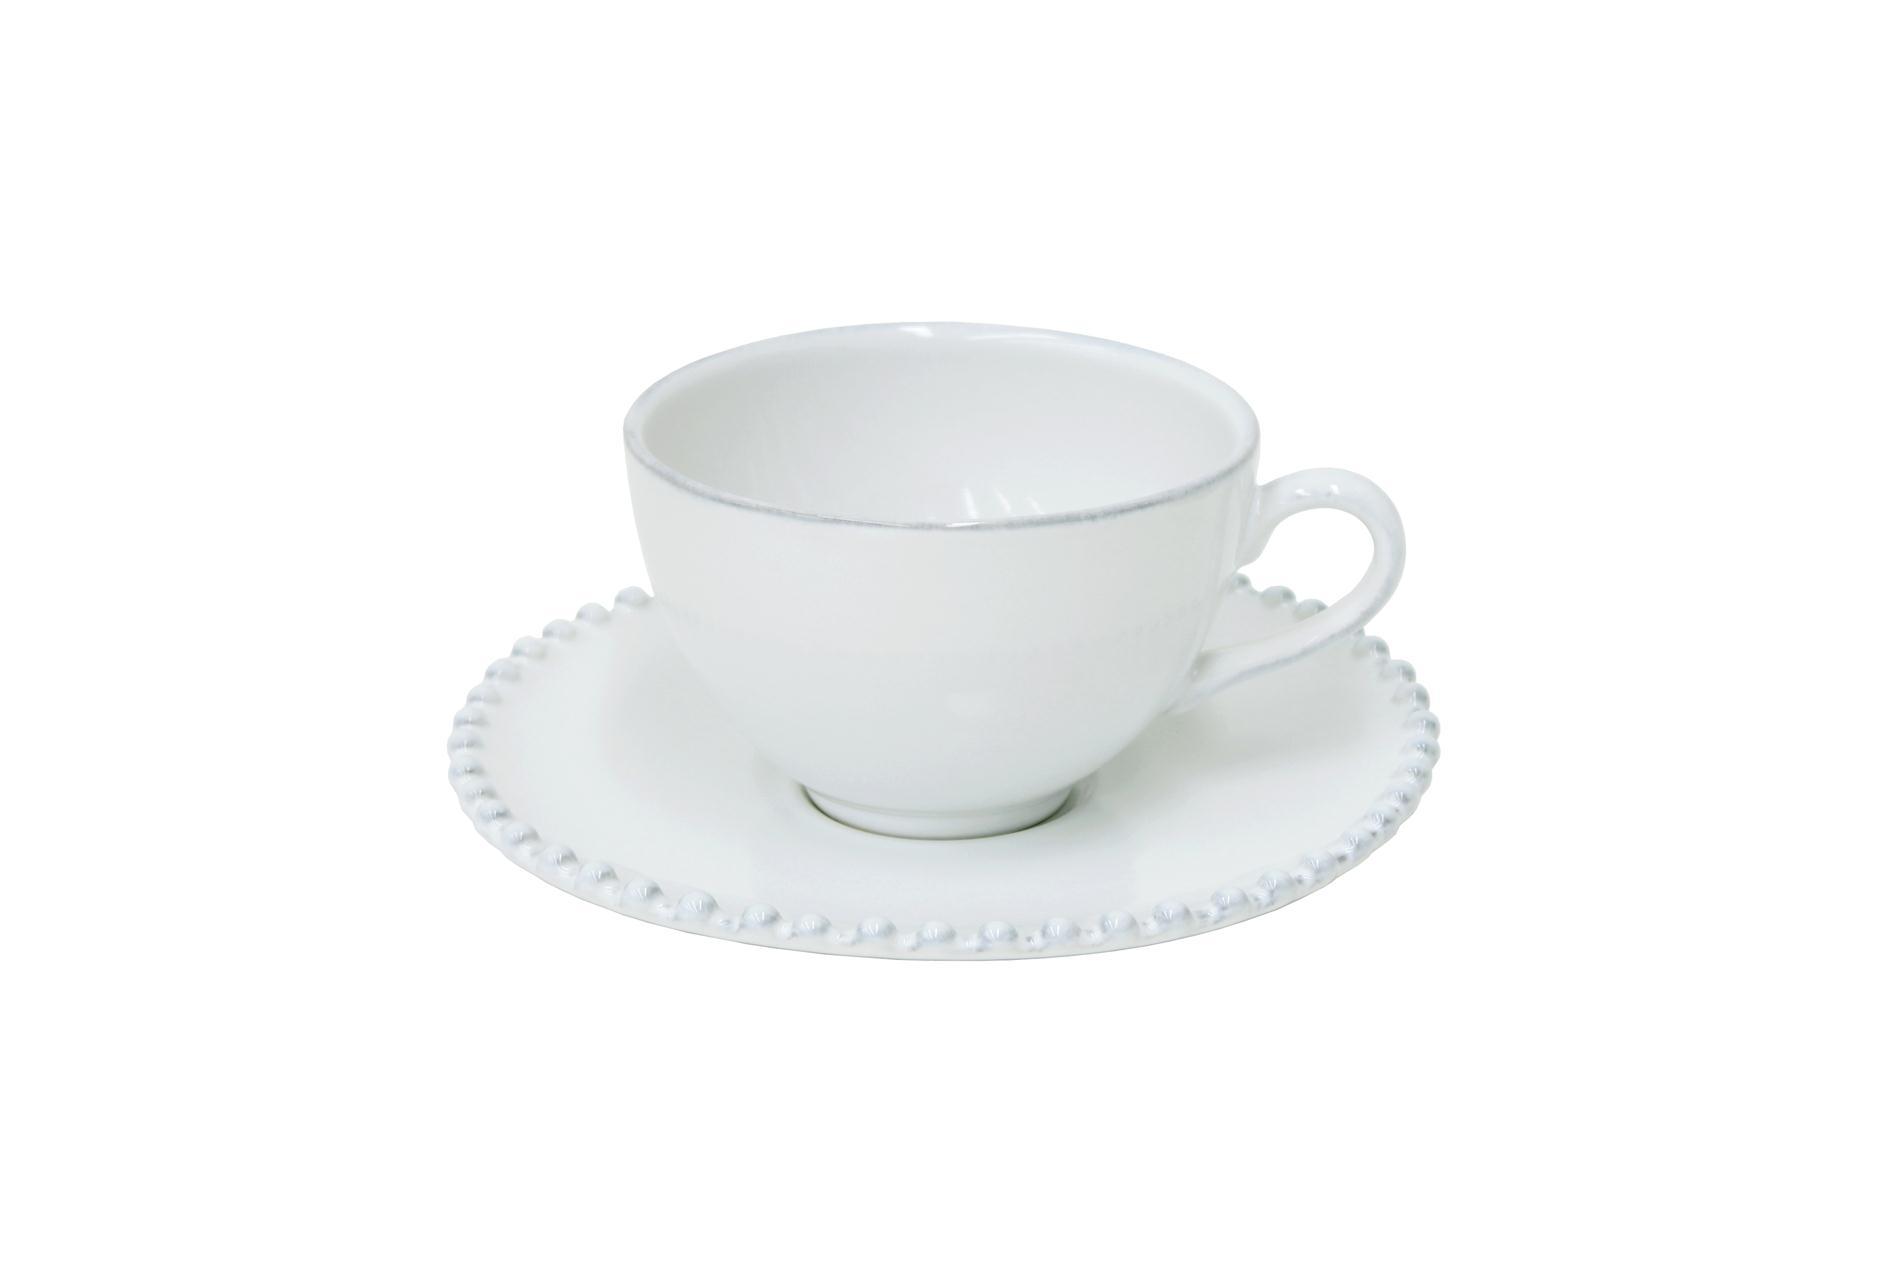 Gedeck Kaffee /Tee und Untertasse Pearl weiß, 0,25 l